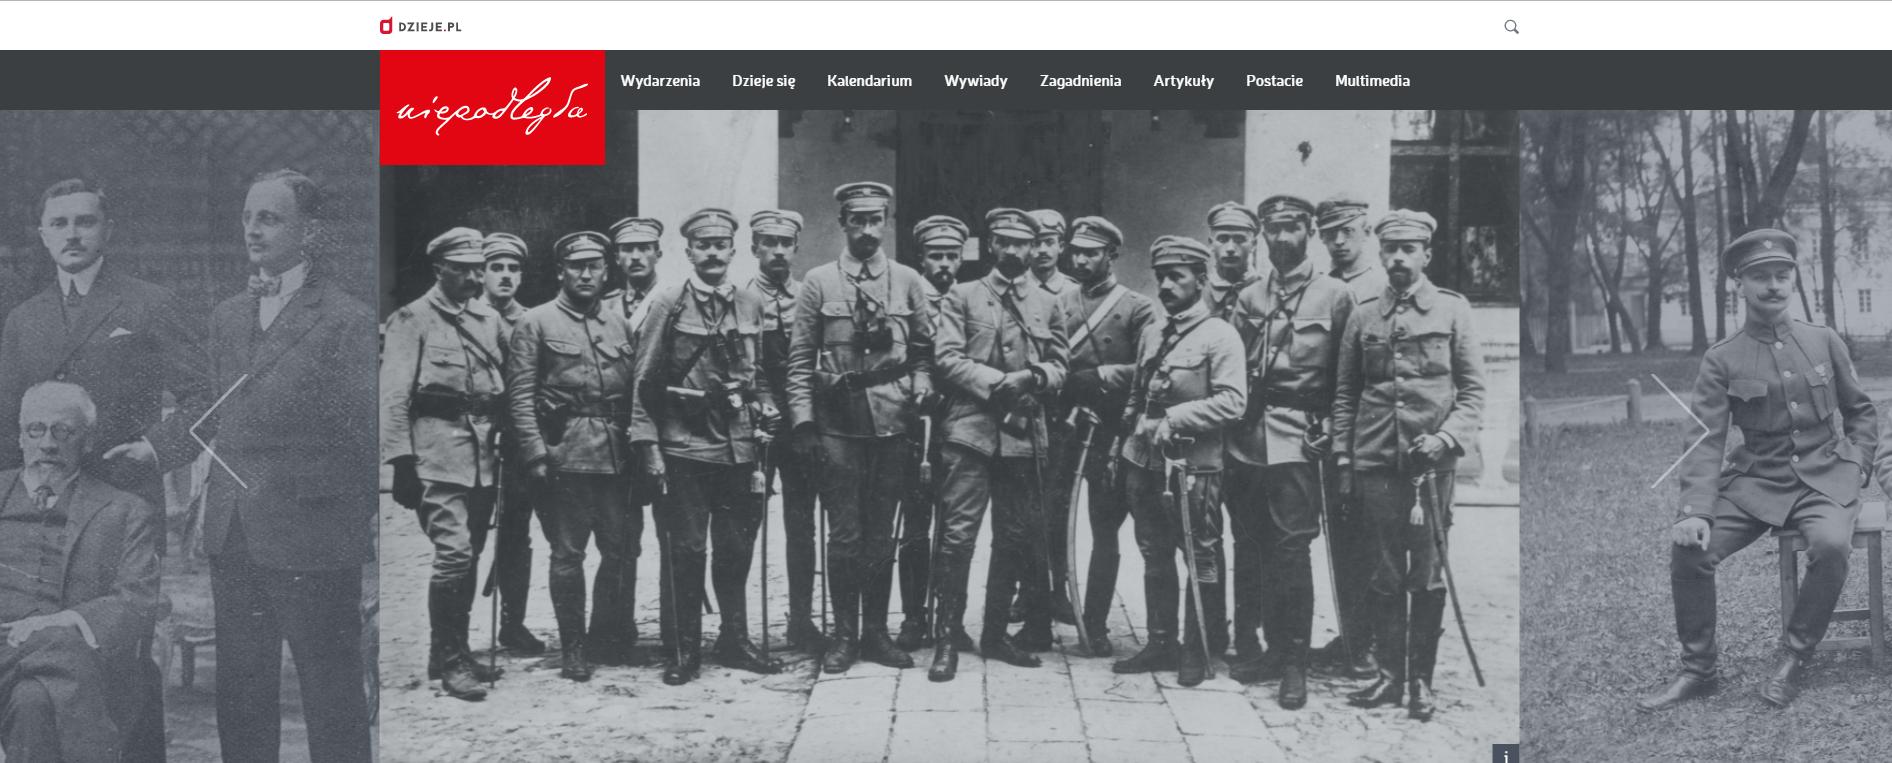 widok zakładki niepodległościowej portalu dzieje.pl